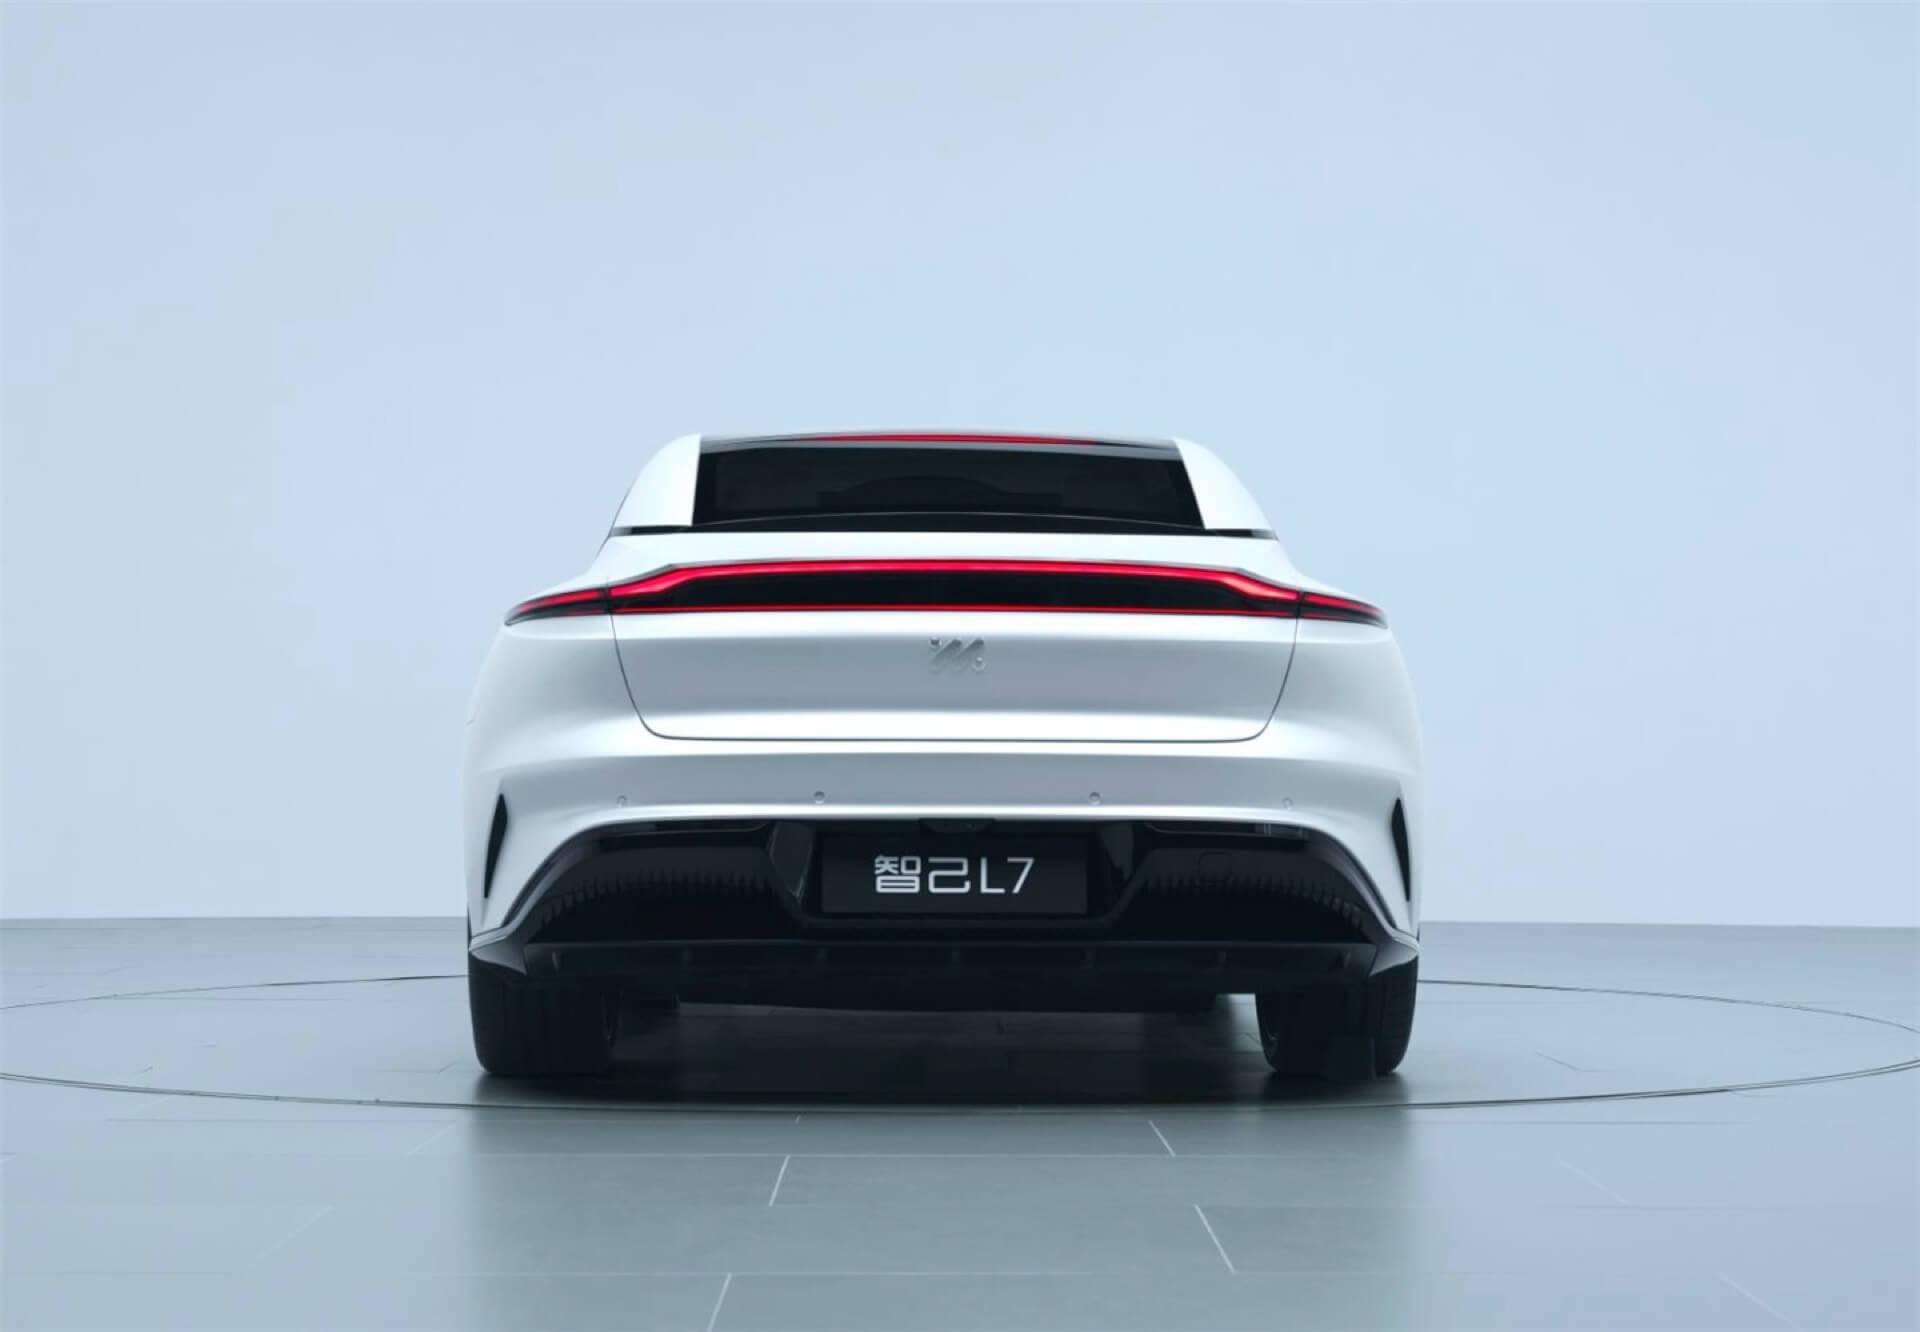 В Китае представлен электромобиль Zhiji L7 с беспроводной зарядкой — 80 км пробега за 1 час